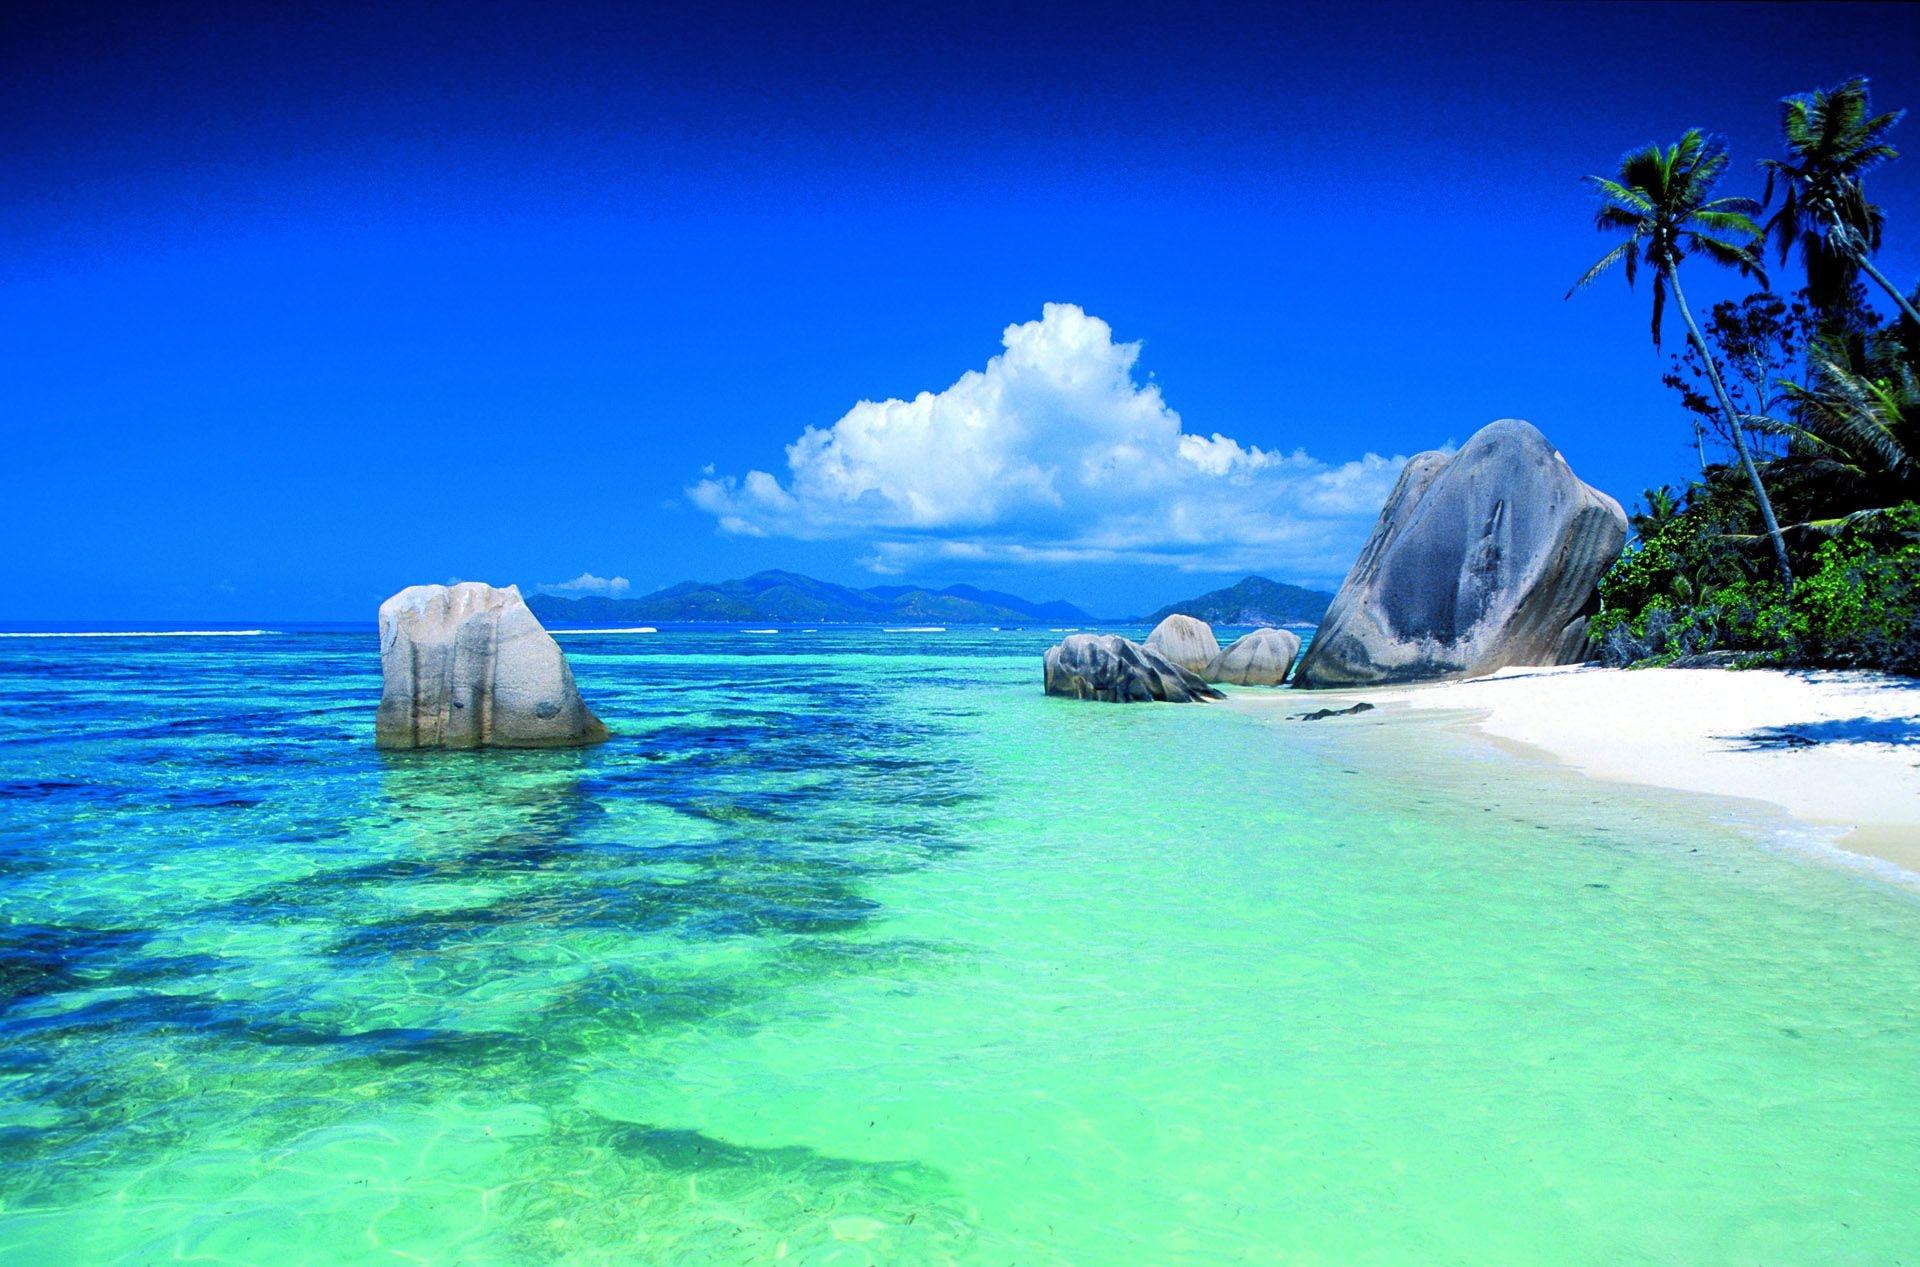 El océano Índico es reconocido por sus aguas cristalinas